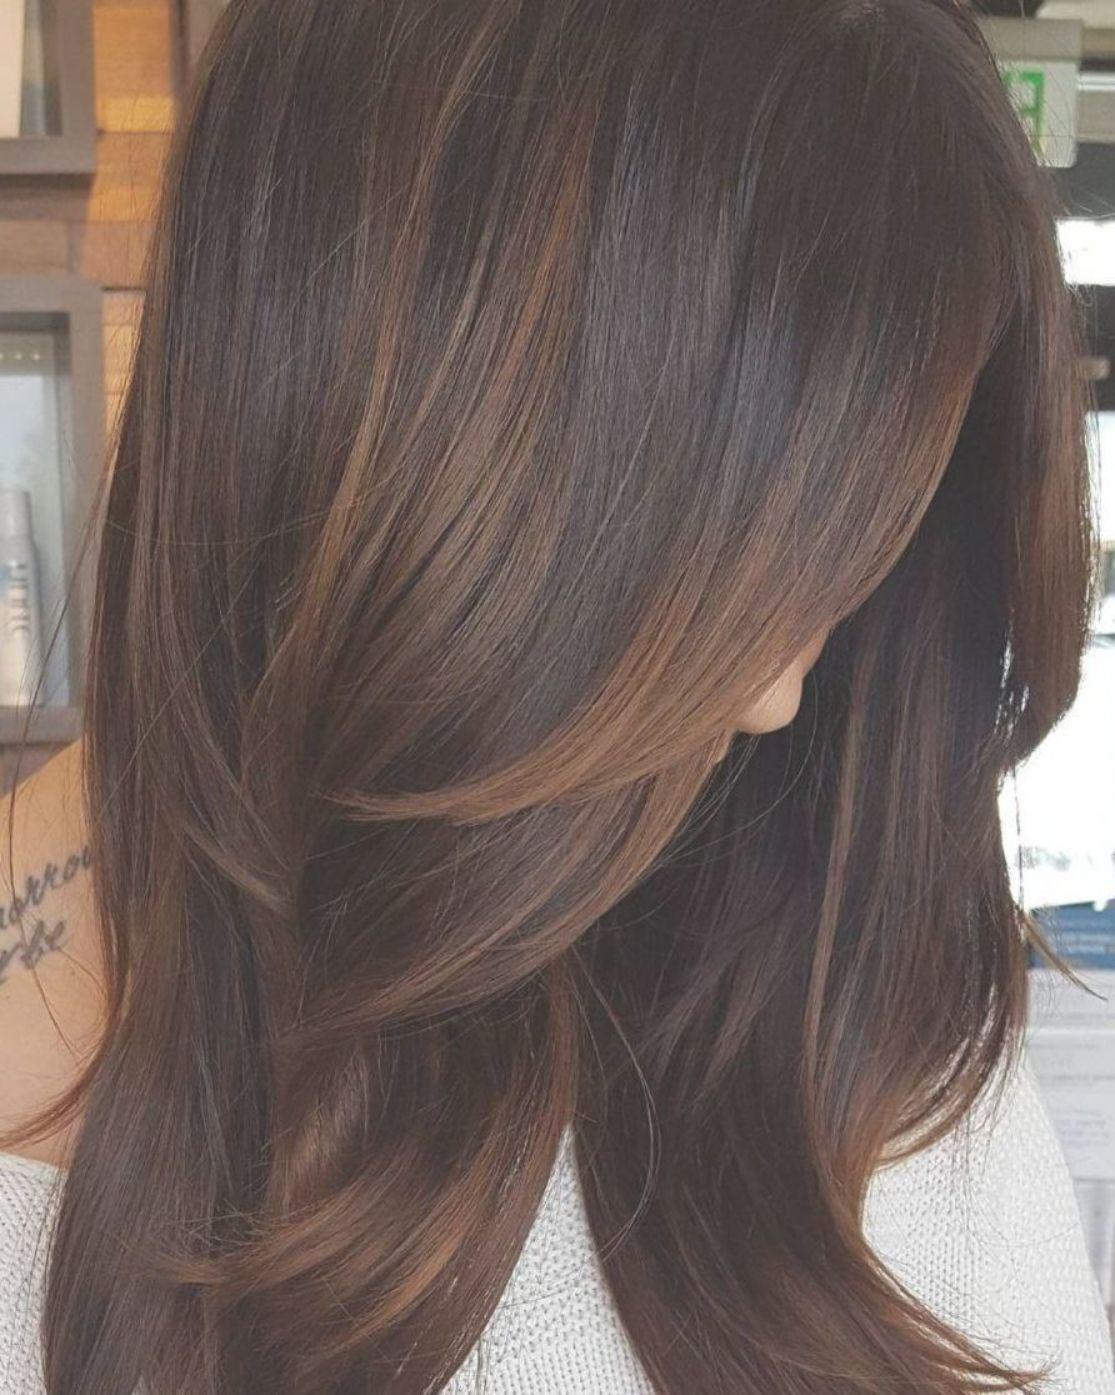 Copper Highlights For Dark Hair Light Hair Color Low Light Hair Color Hair Highlights